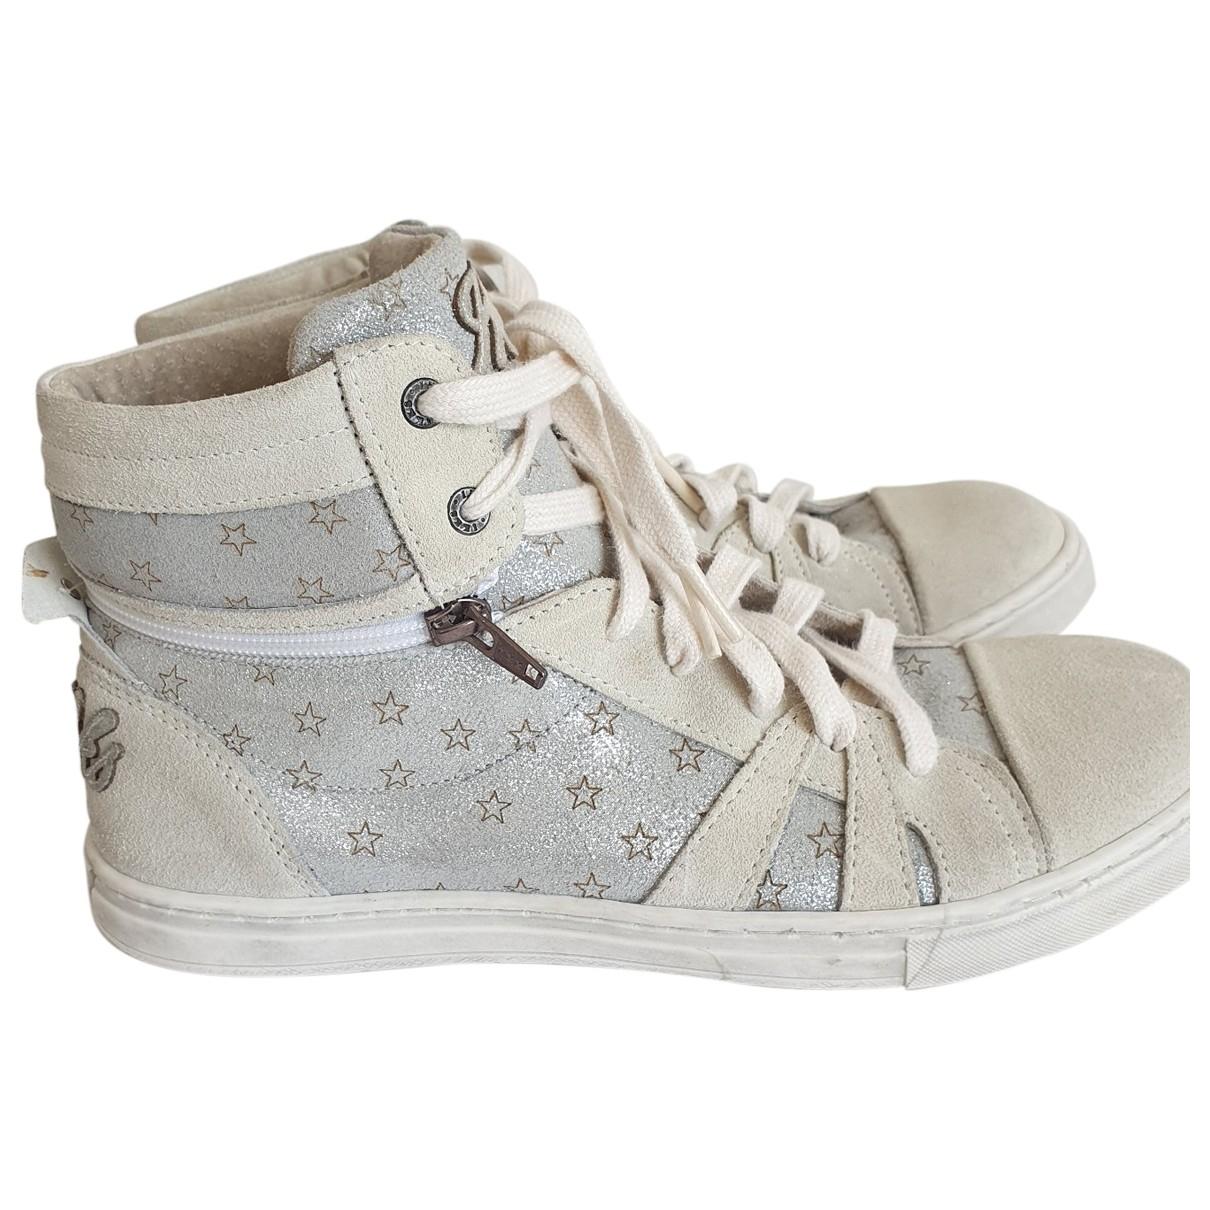 Ikks \N Sneakers in  Grau Mit Pailletten